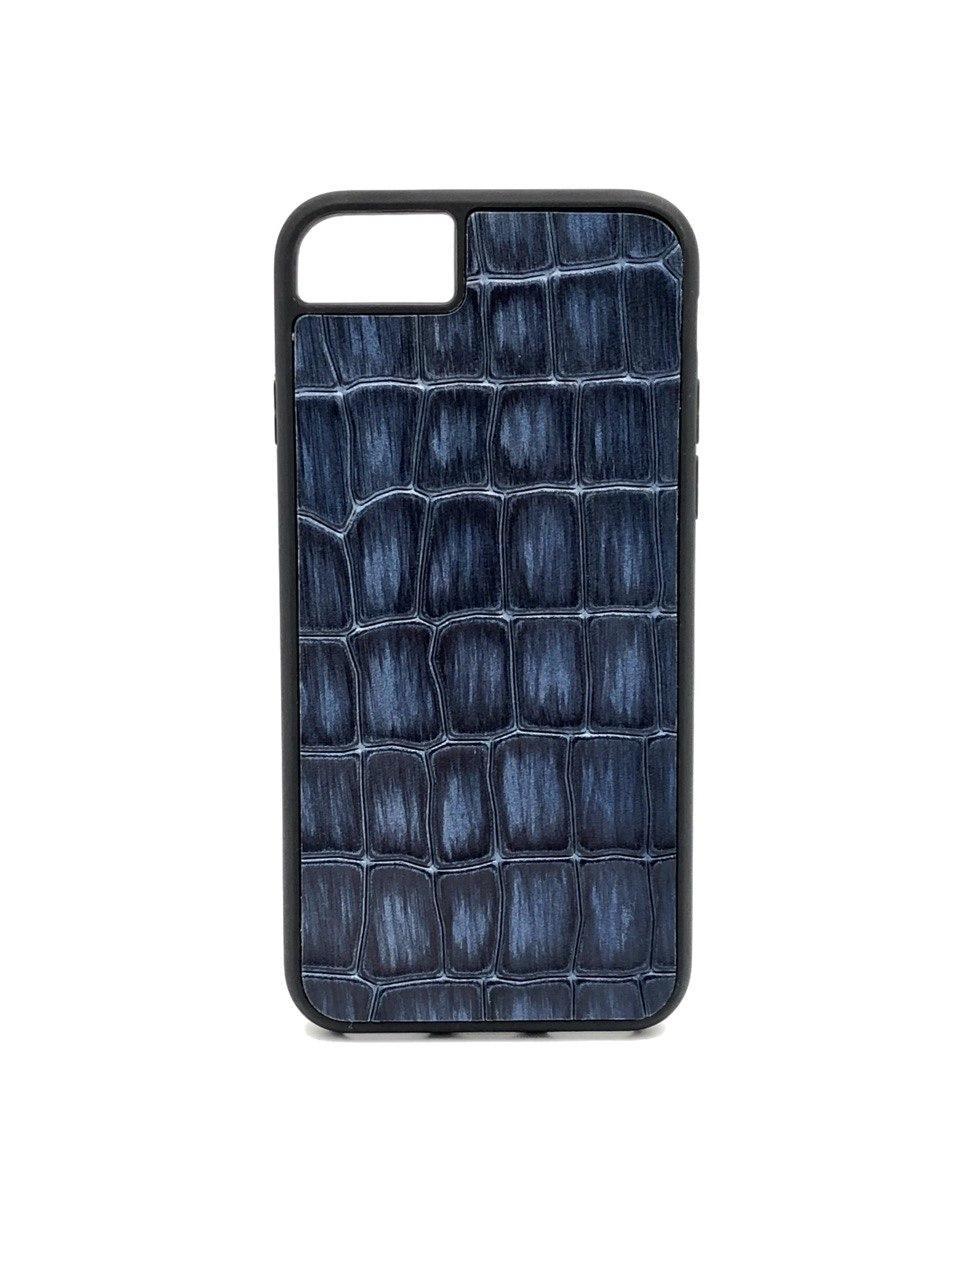 Чехол для iPhone 7/8 синего цвета из Телячьей кожи тиснёной под Крокодила